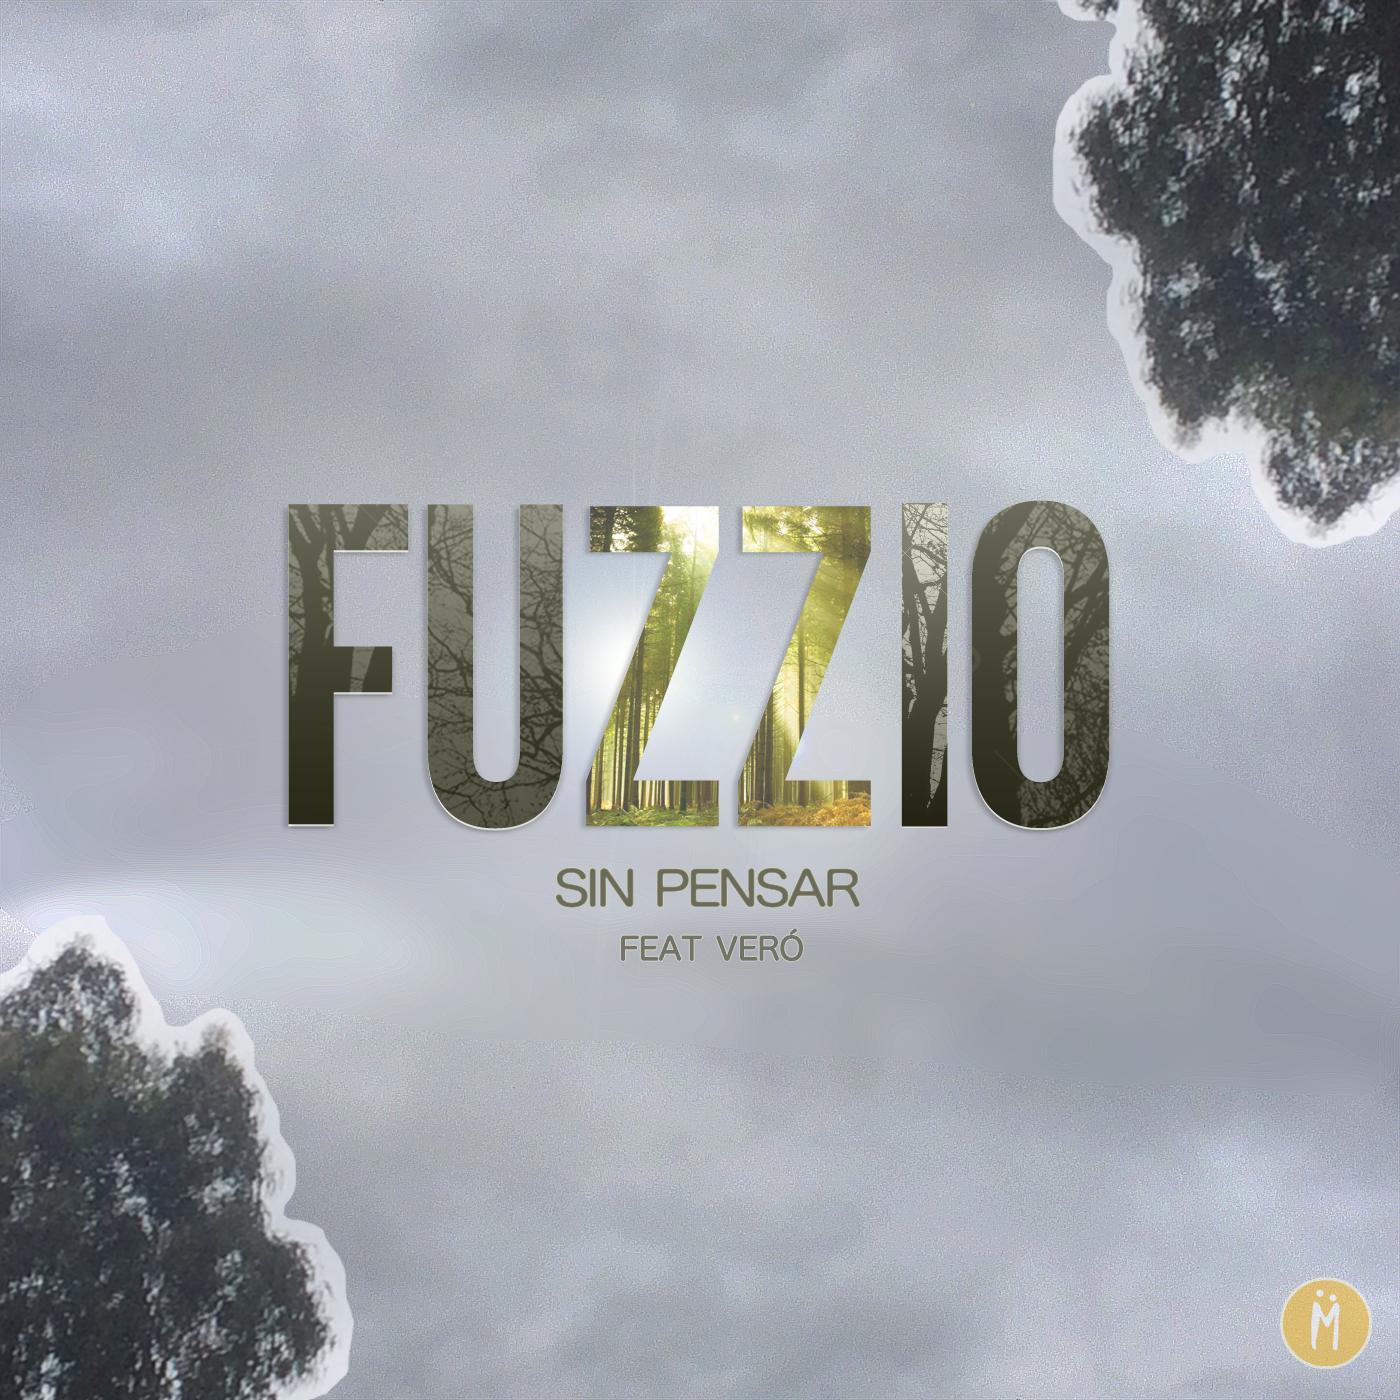 Fuzzio - Sin Pensar (Single)